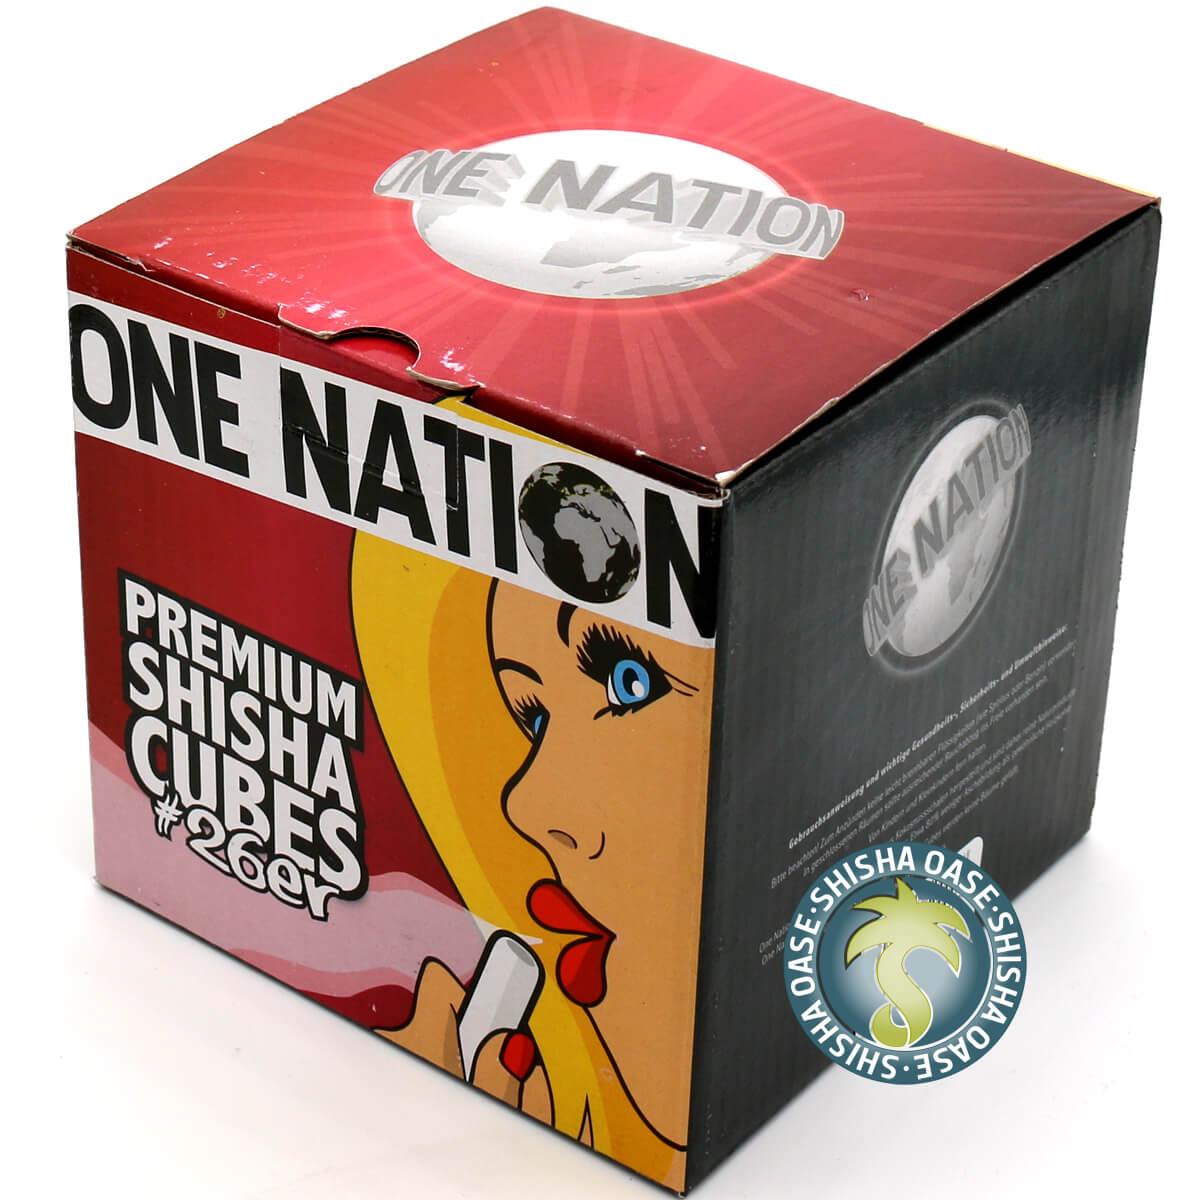 One Nation #26 - 1kg